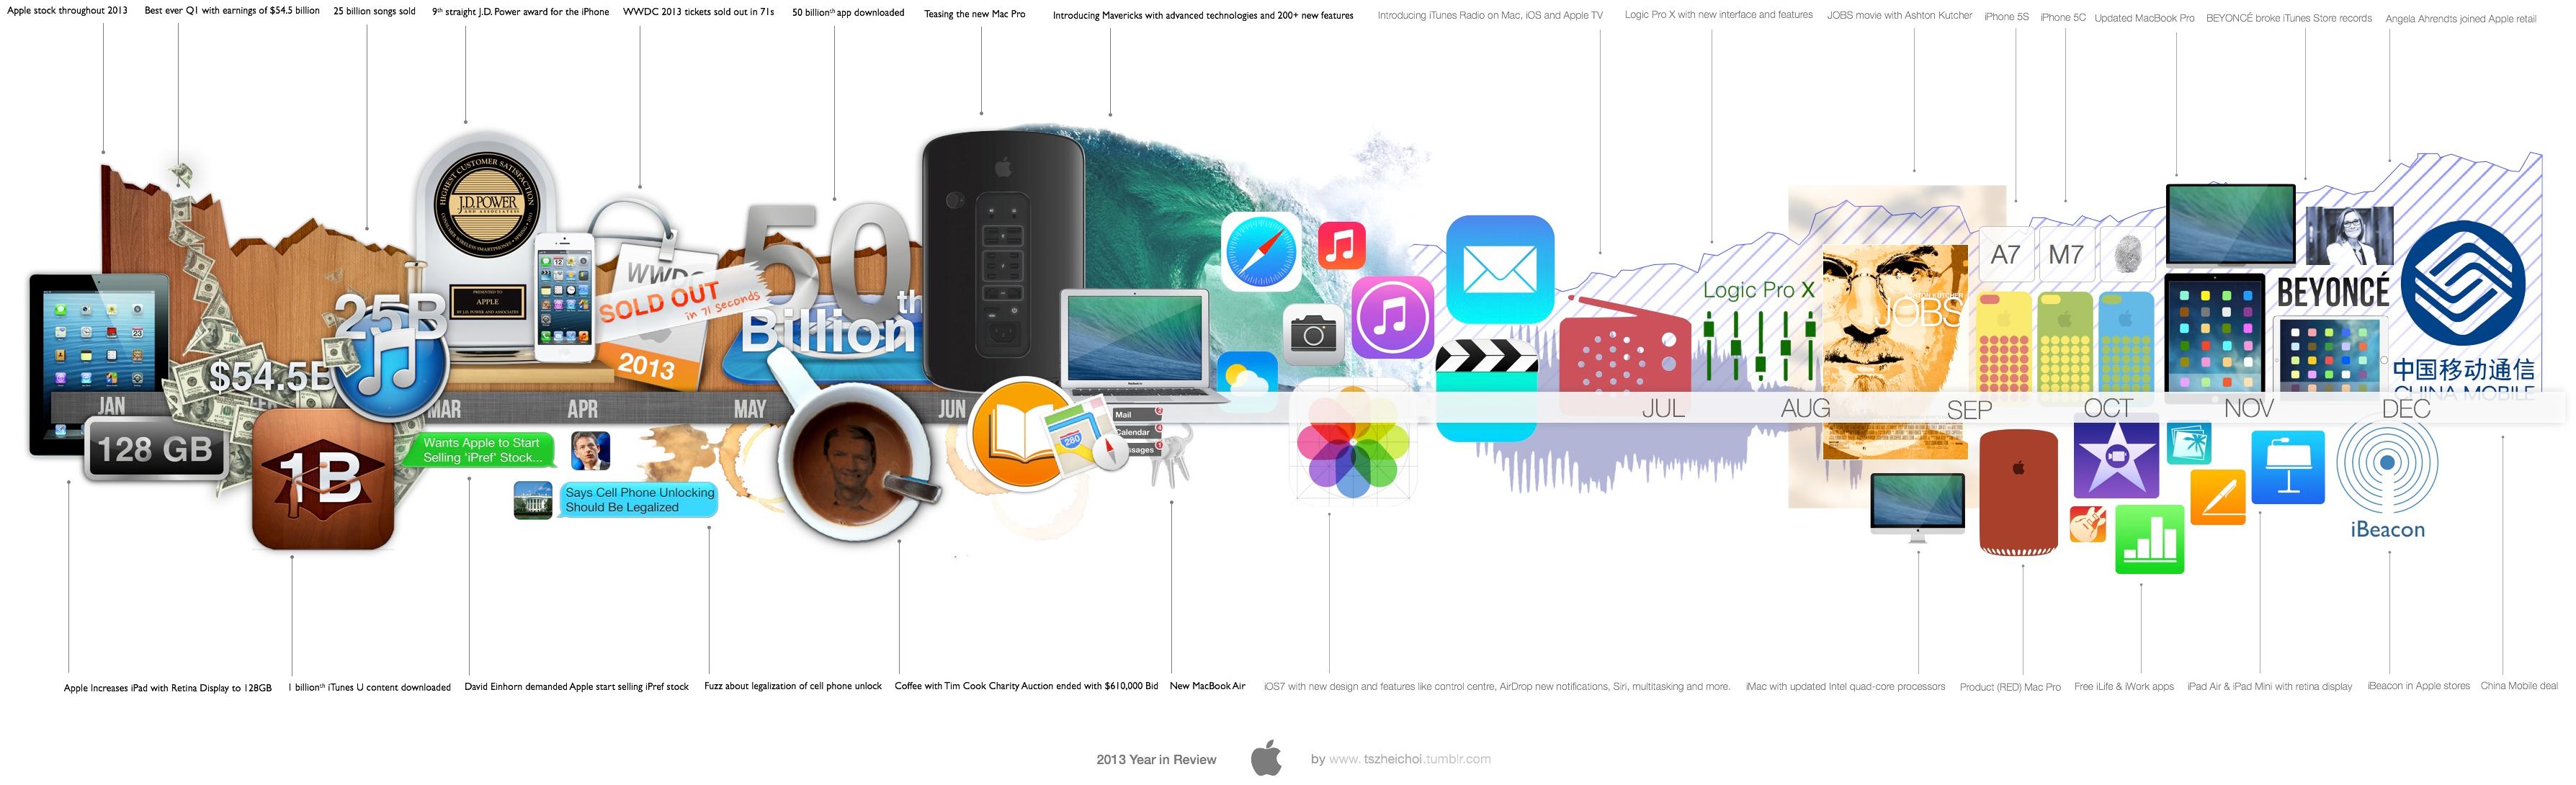 Linha do tempo da Apple em 2013